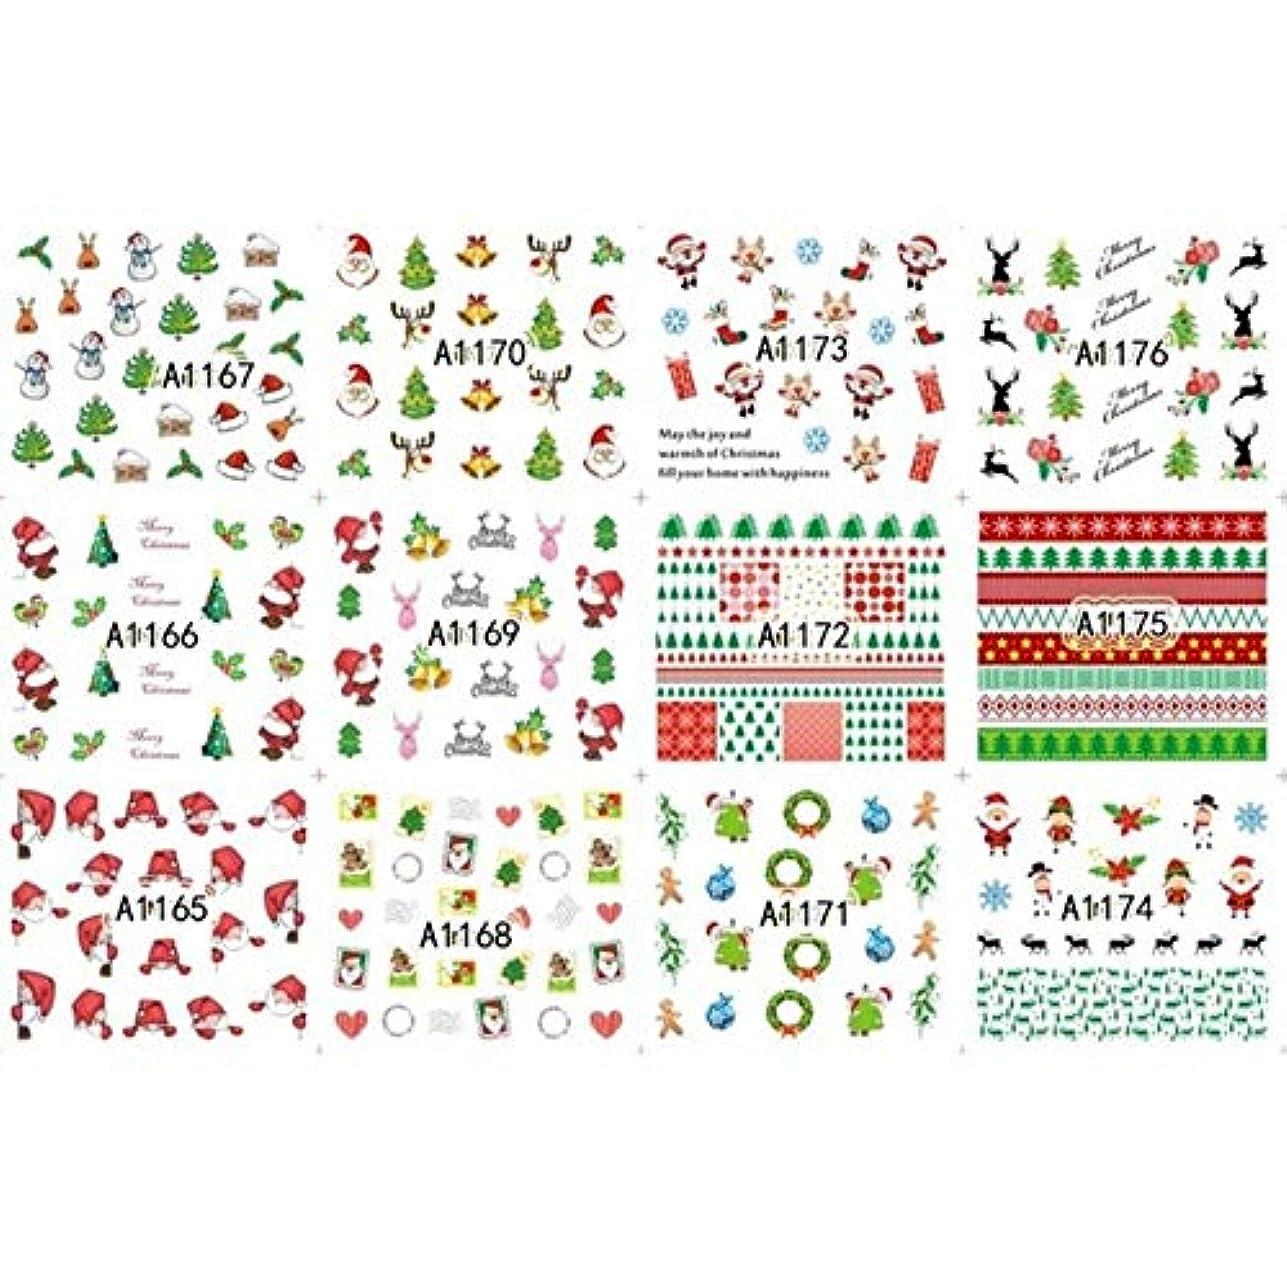 冷凍庫固体麺12枚美容ハロウィンクリスマス水転写ネイルアートステッカーデカールネイルデコレーションマニキュアツールパンプキンスカルデザイン,8